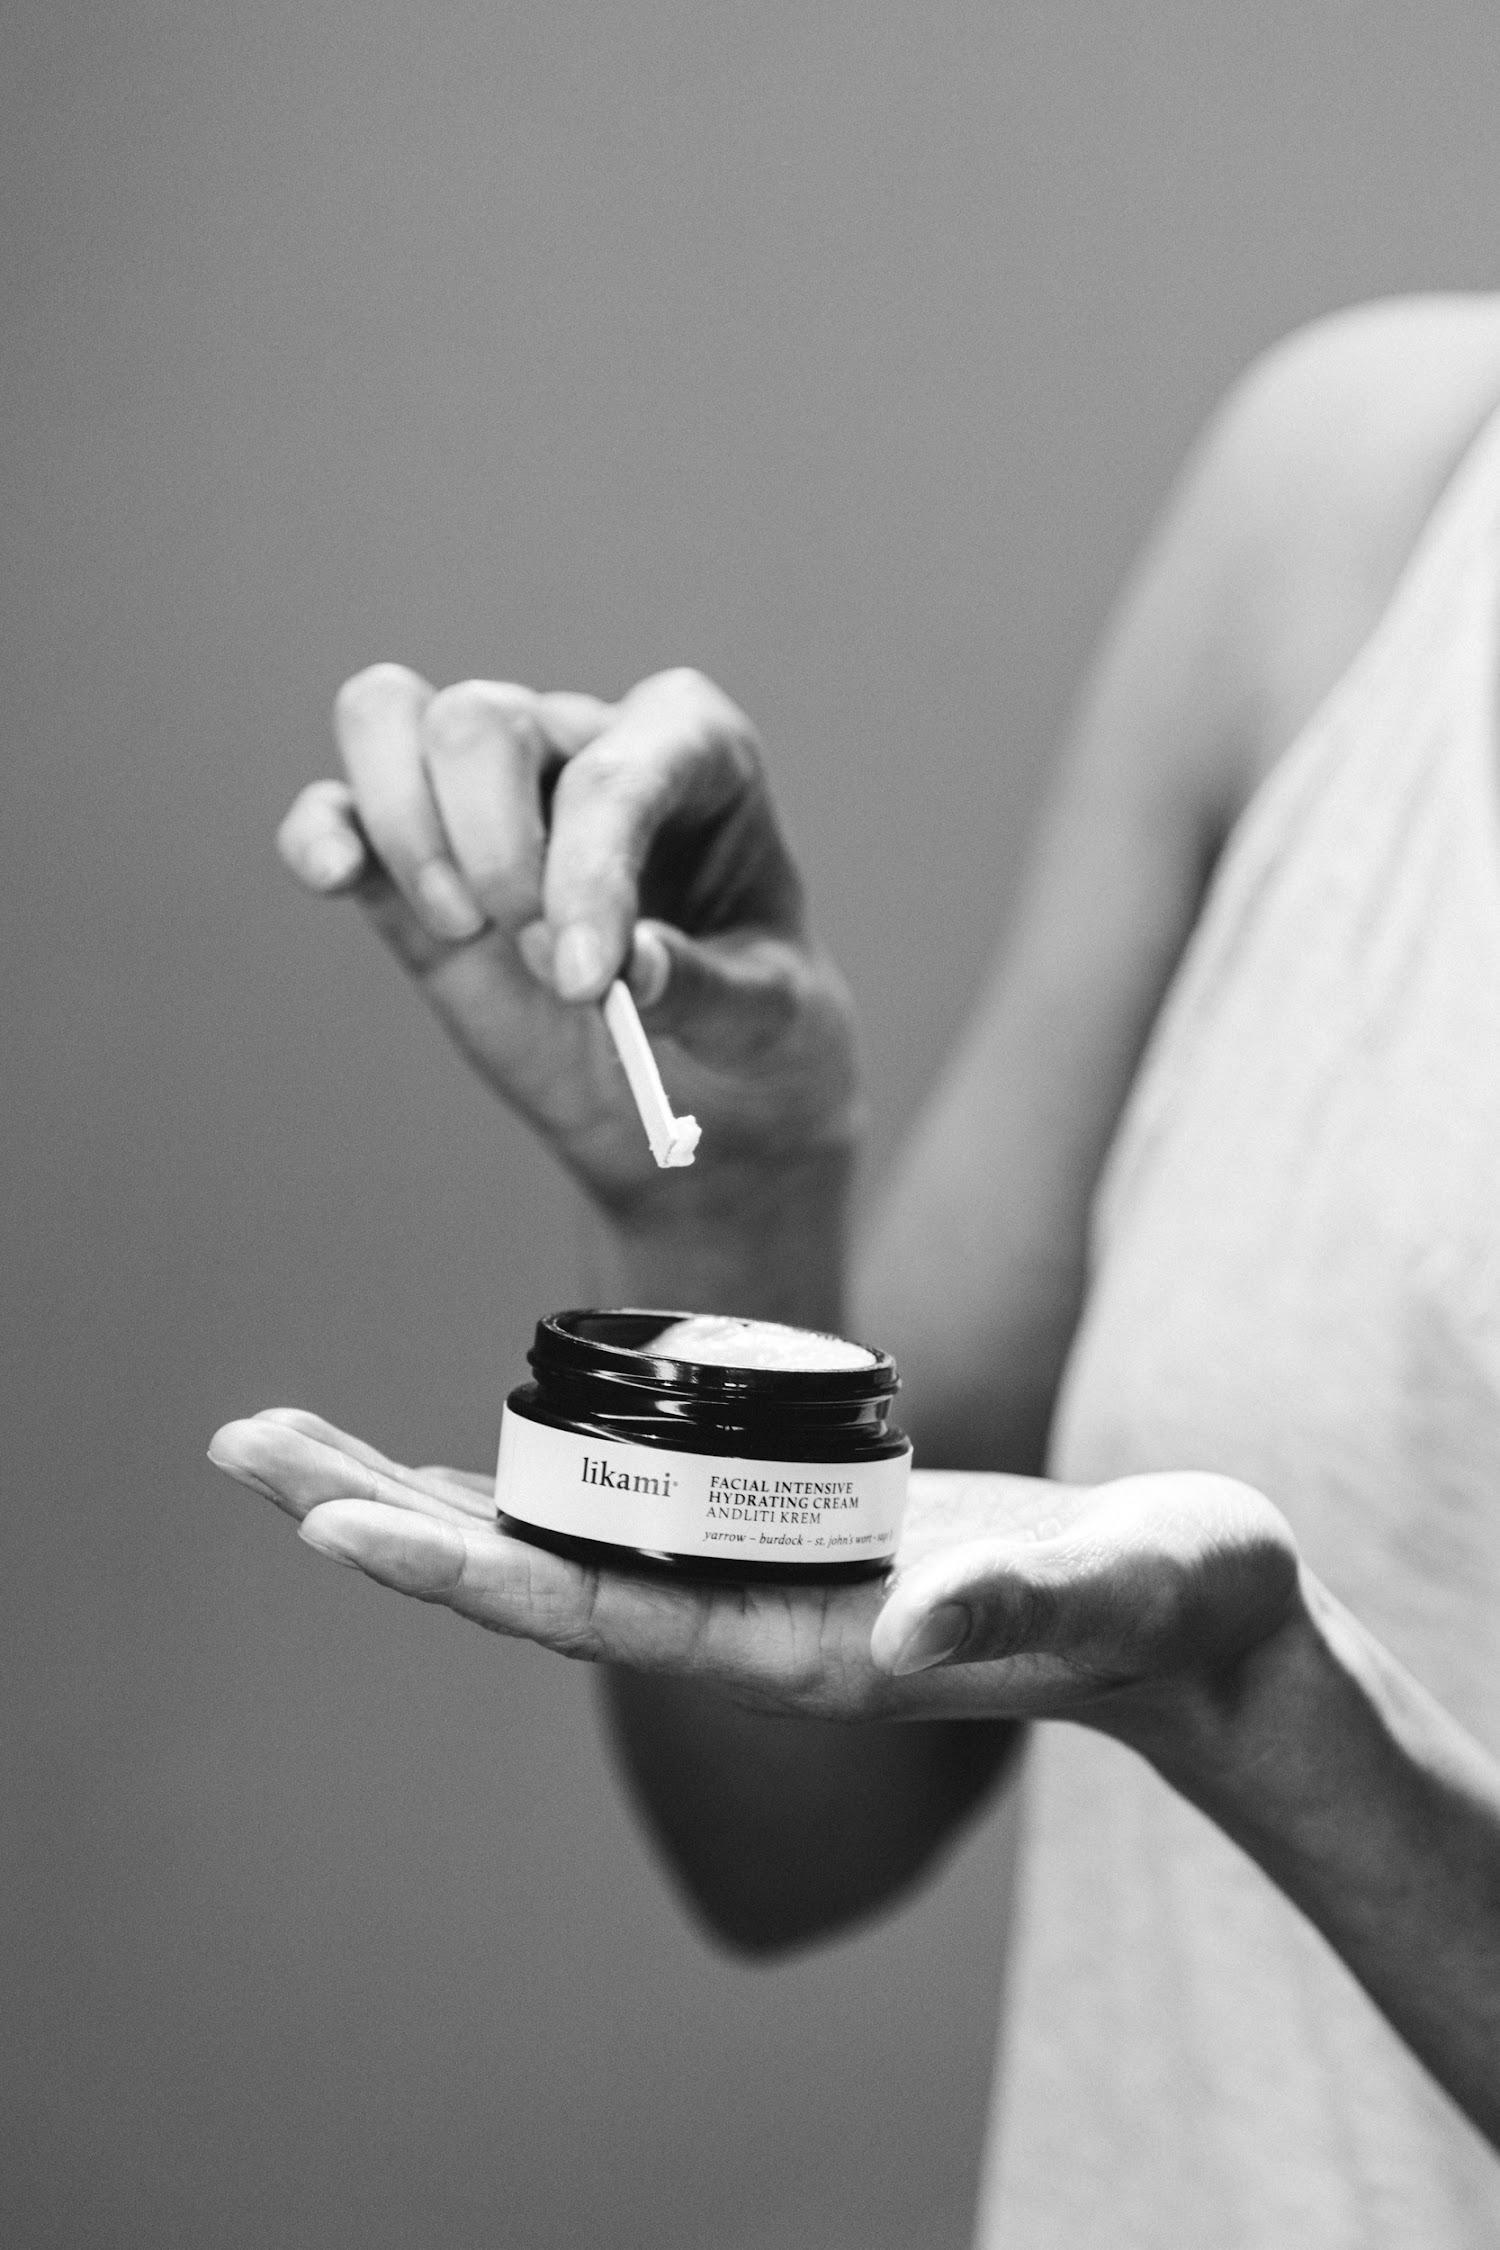 likami facial cream gezichtscrème dagcrème